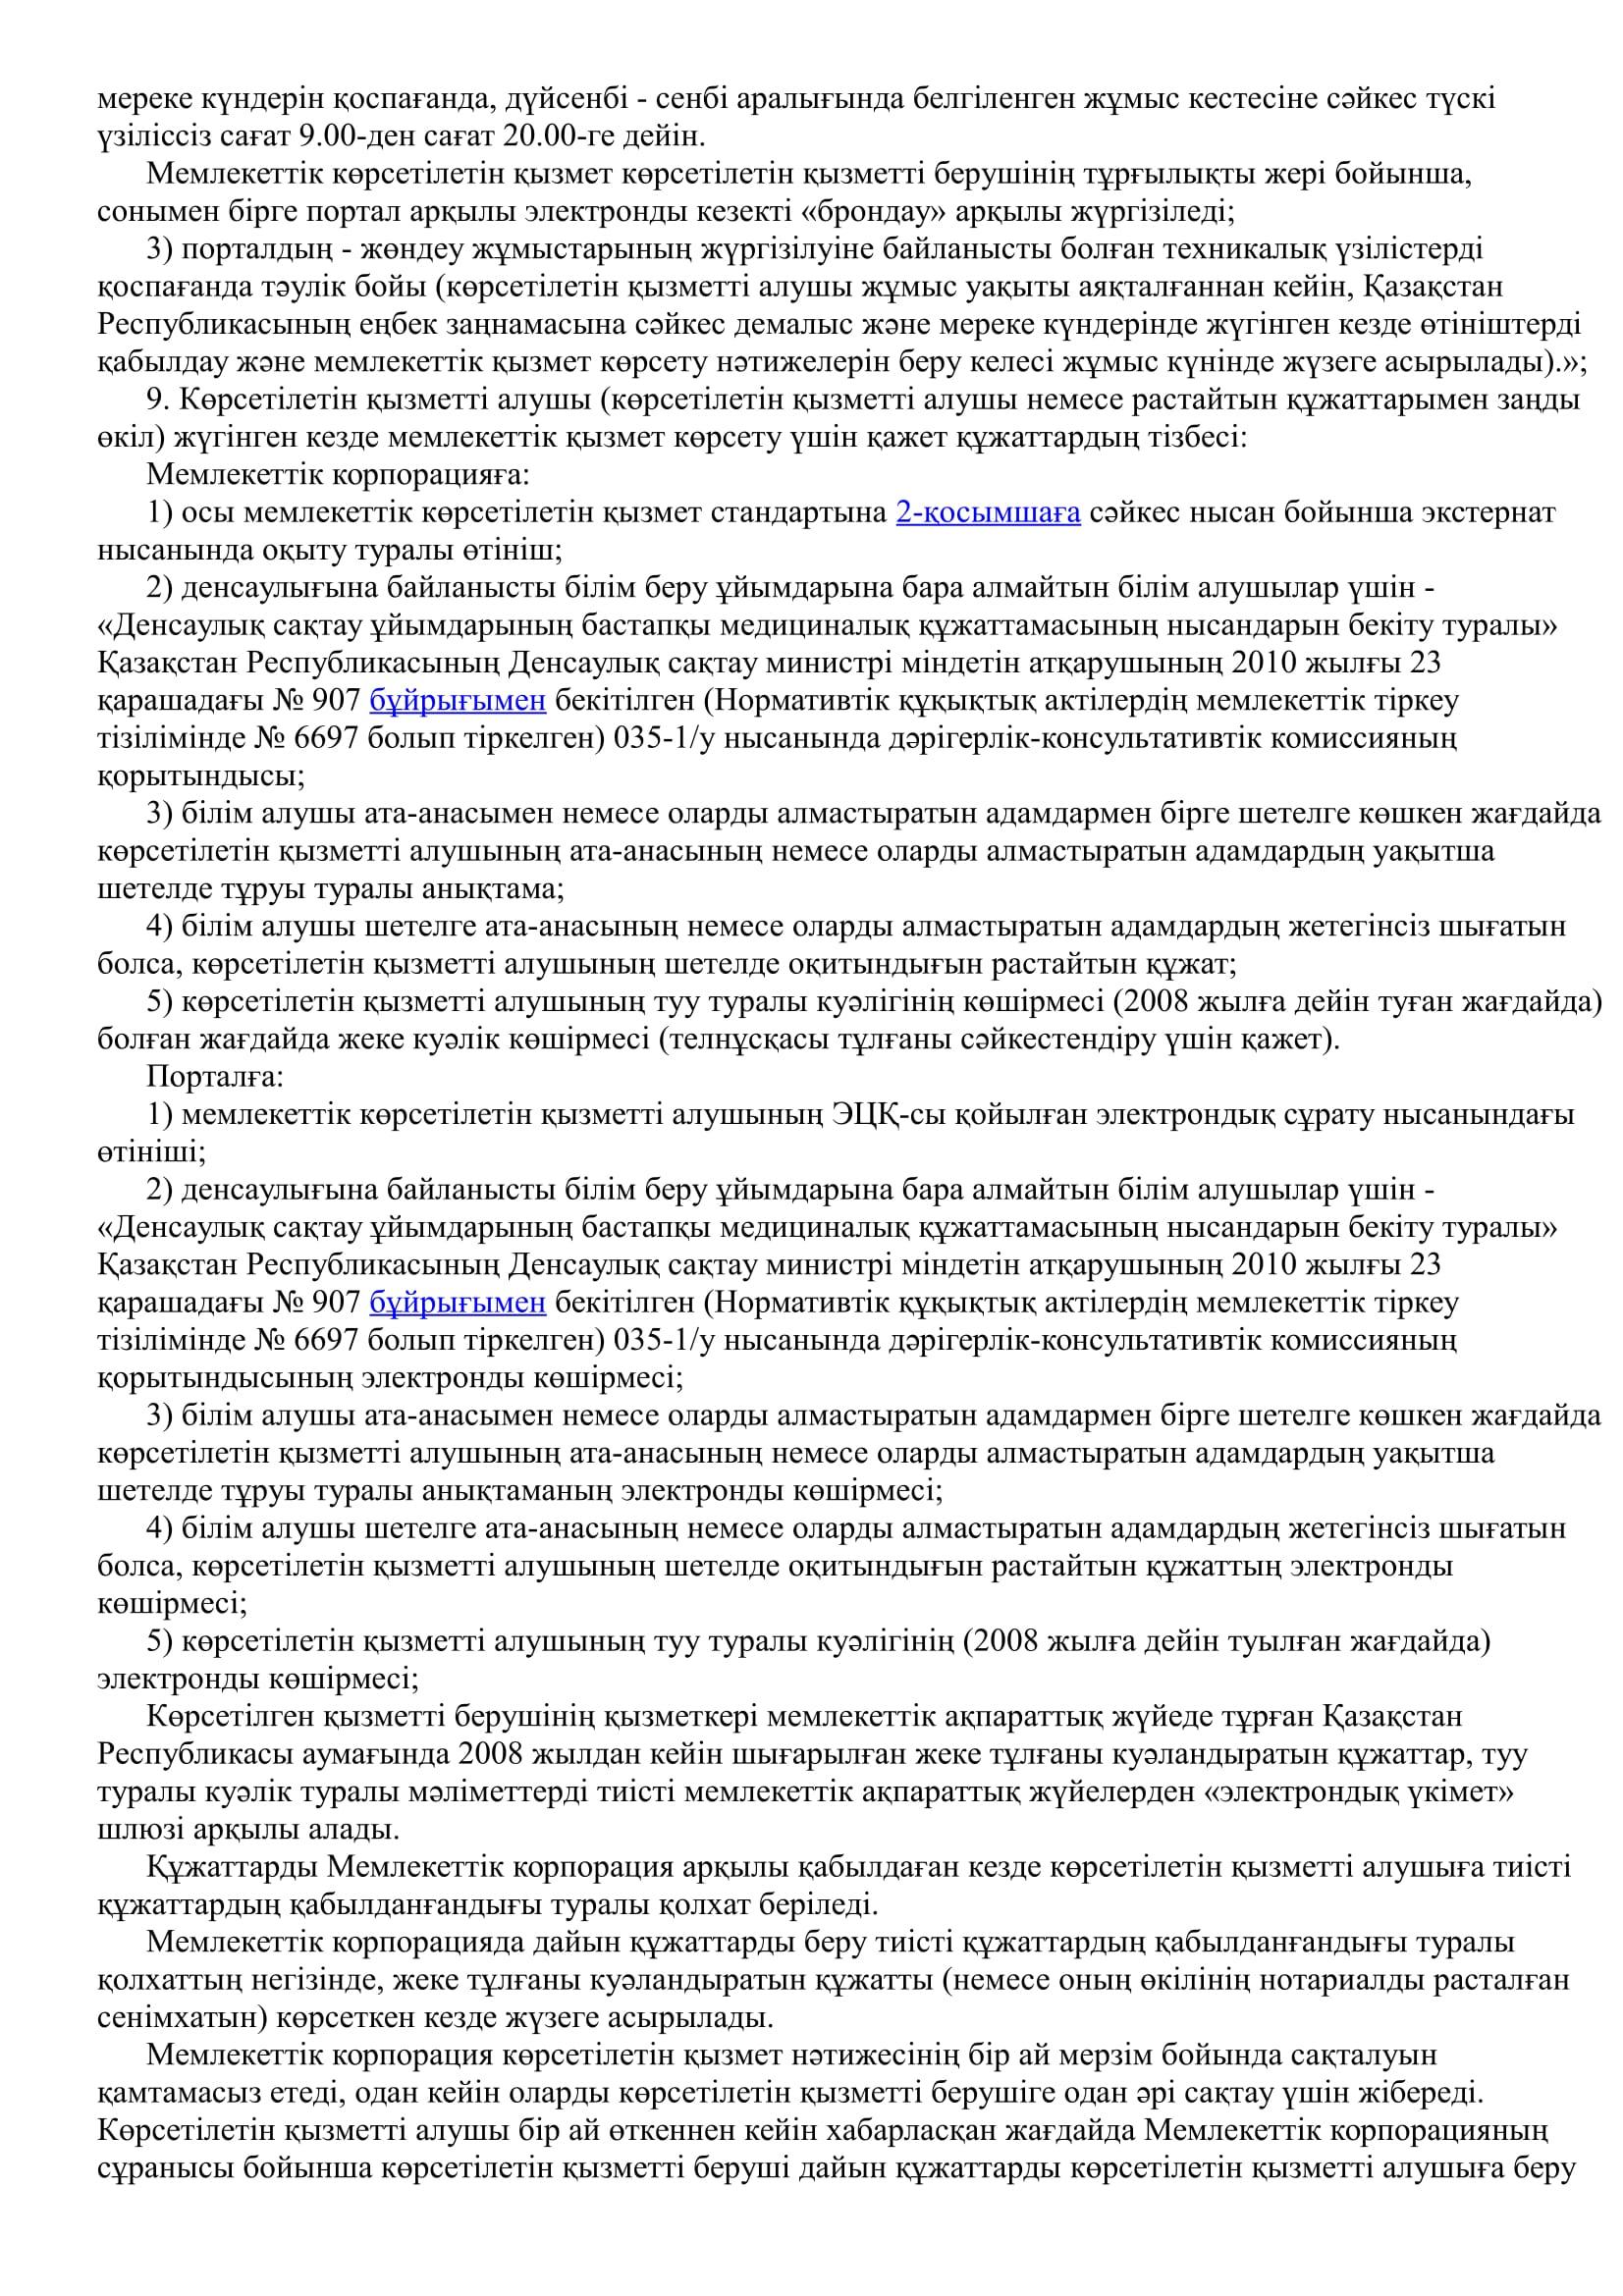 экстернат-2.jpg